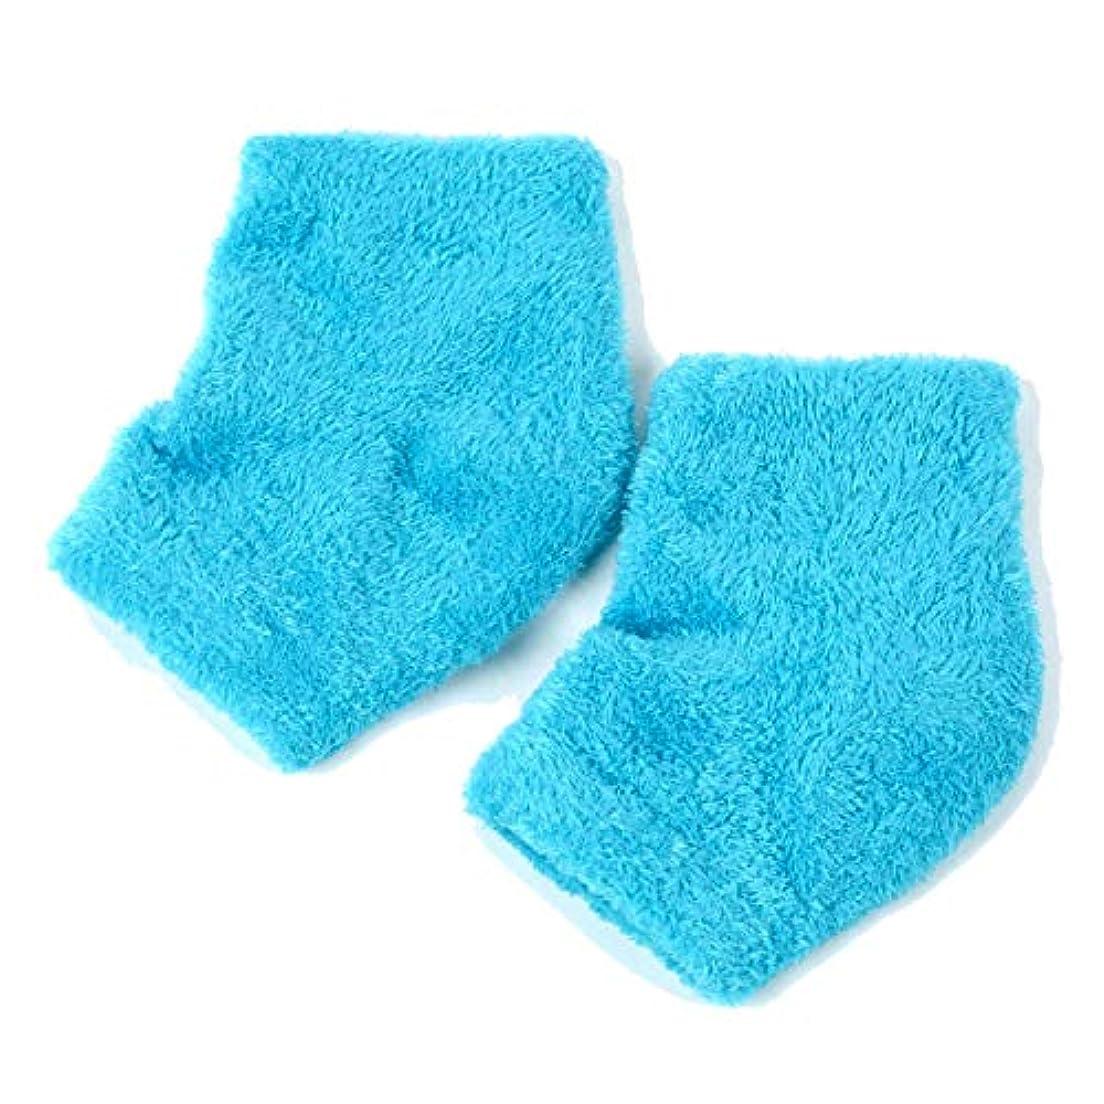 寄り添う子供っぽい波ドットジャパン かかとケア ぷるもこ ジェルソックス サポーター ひび割れ 角質取り 保湿 靴下 フリーサイズ (ブルー)